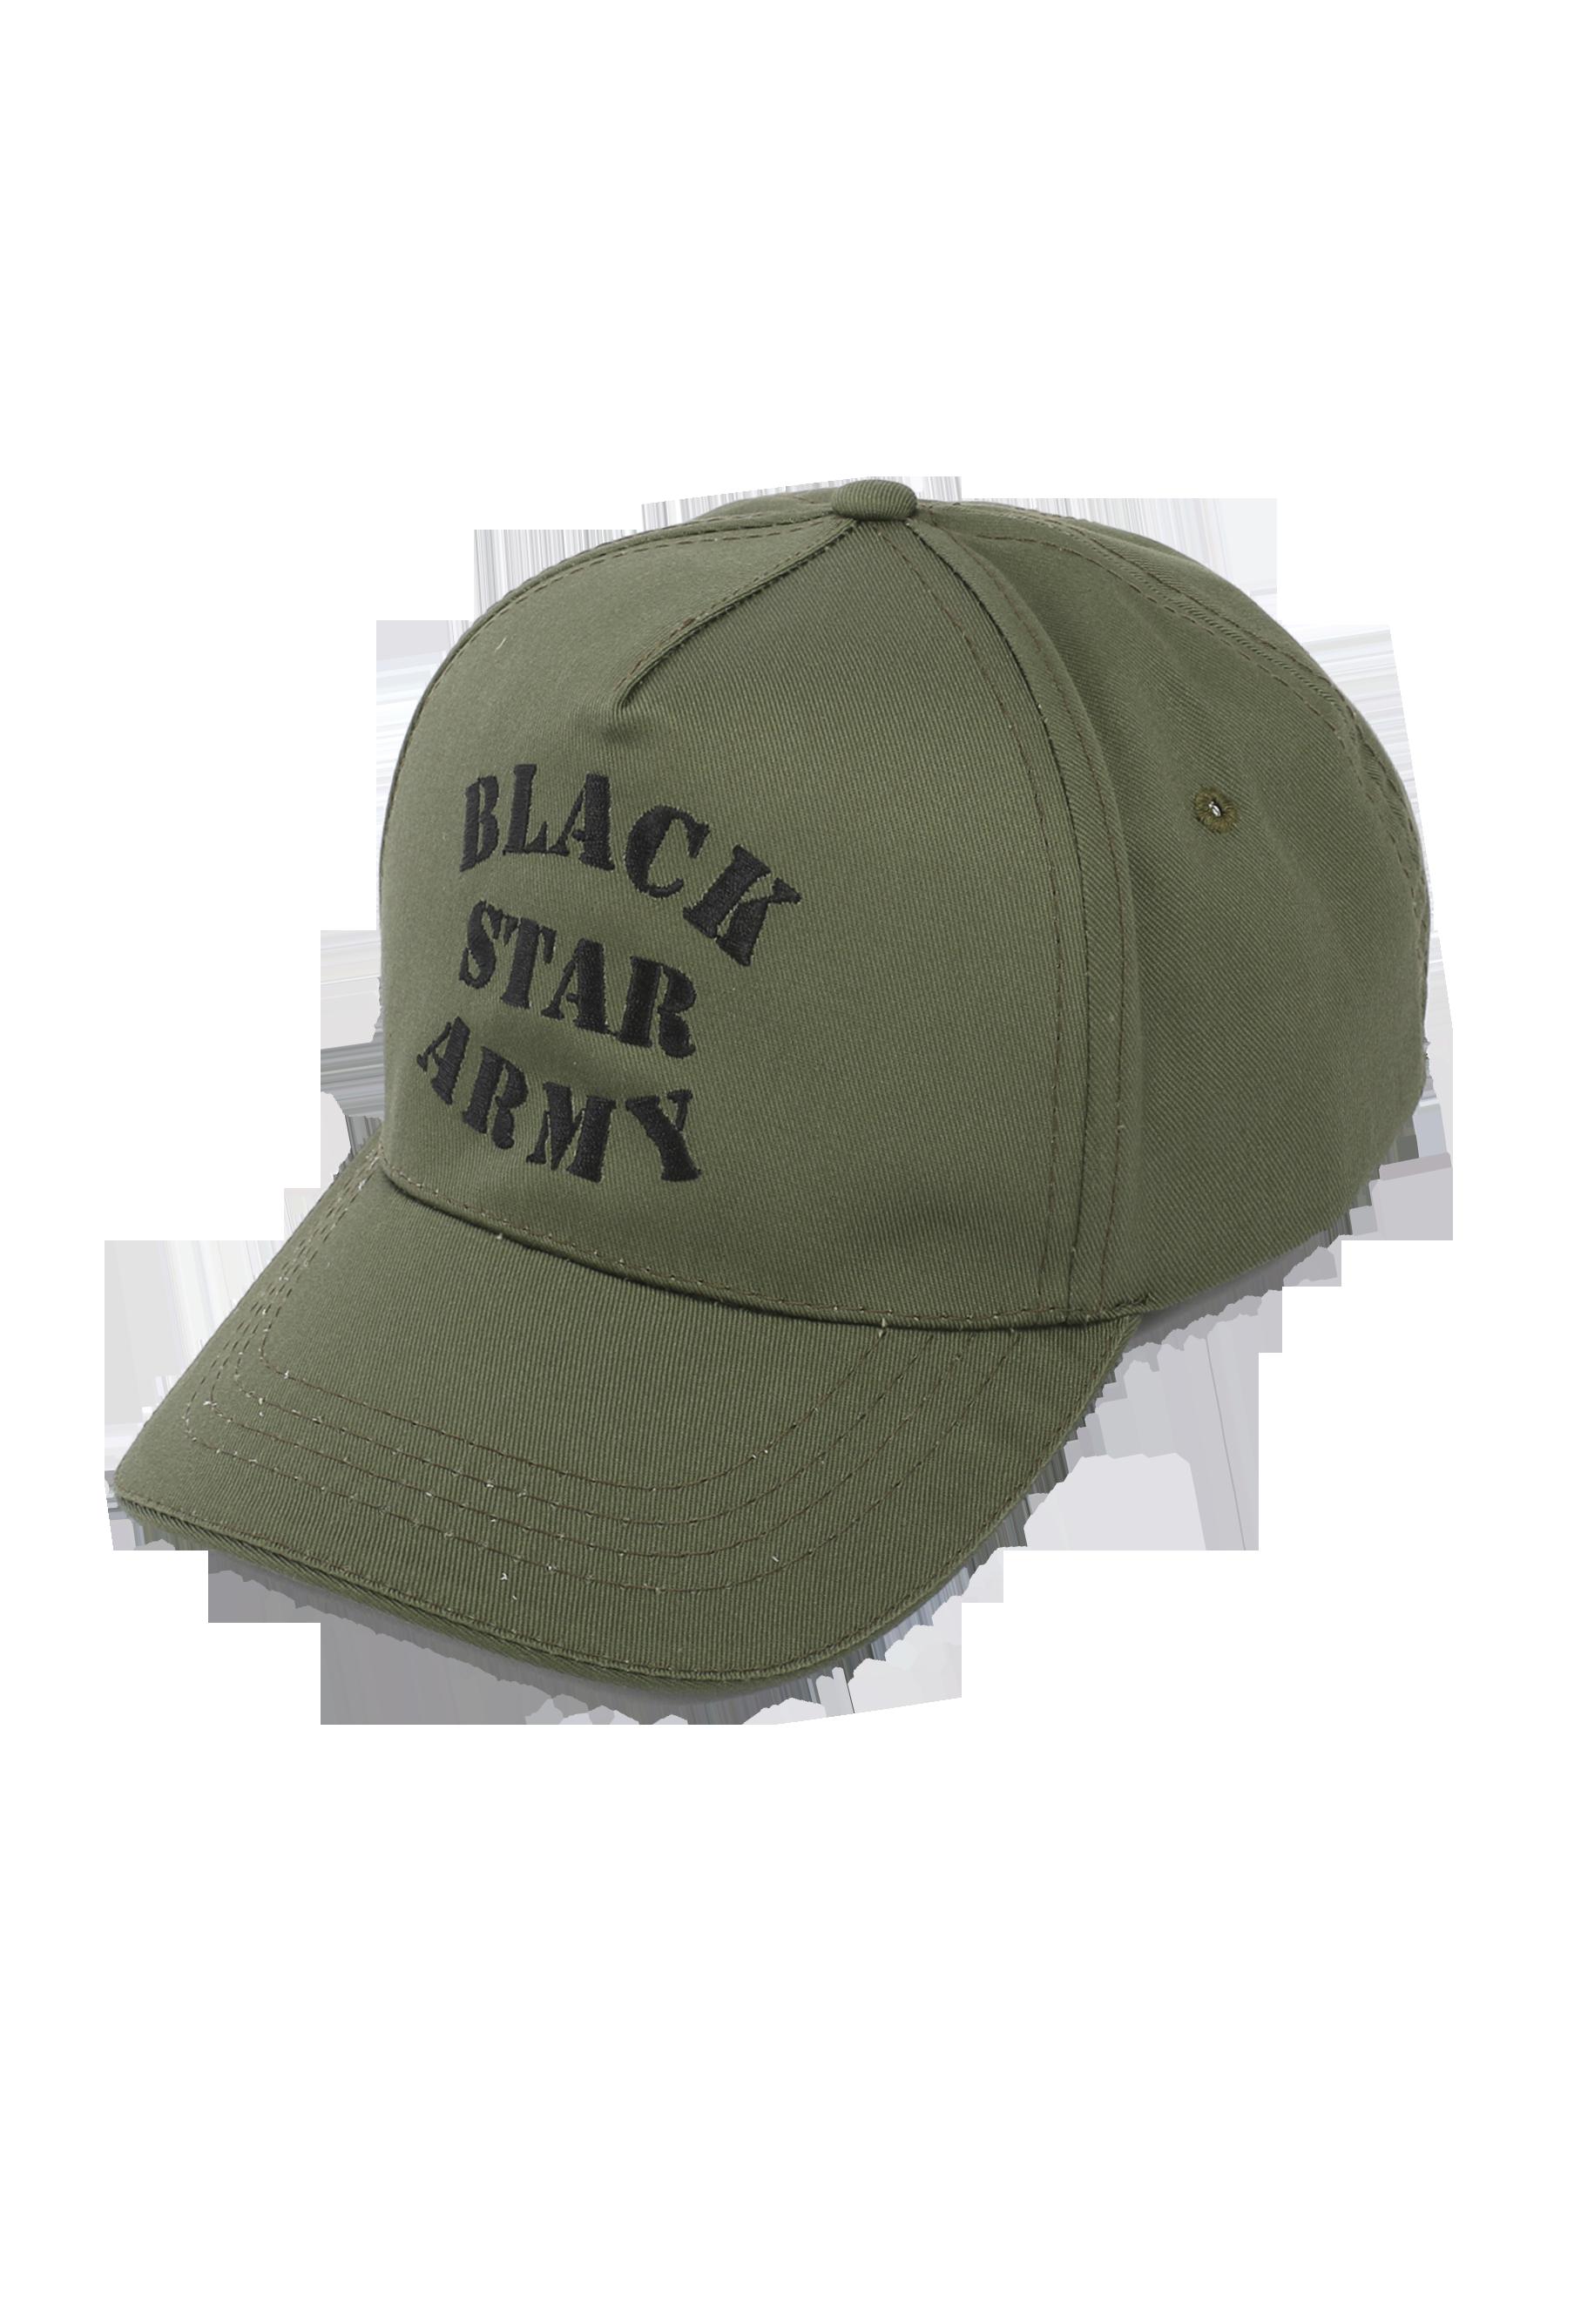 Кепка унисекс Black Star ArmyКлассическая модель бейсболки из коллекции Black Star Wear. Модель с чёрной вышивкой Black Star Army. Сзади застёжка, регулирующая размер. Доступна в расцветке хаки. Унисекс.<br><br>Размер: Единый размер<br>Цвет: Хаки<br>Пол: Унисекс